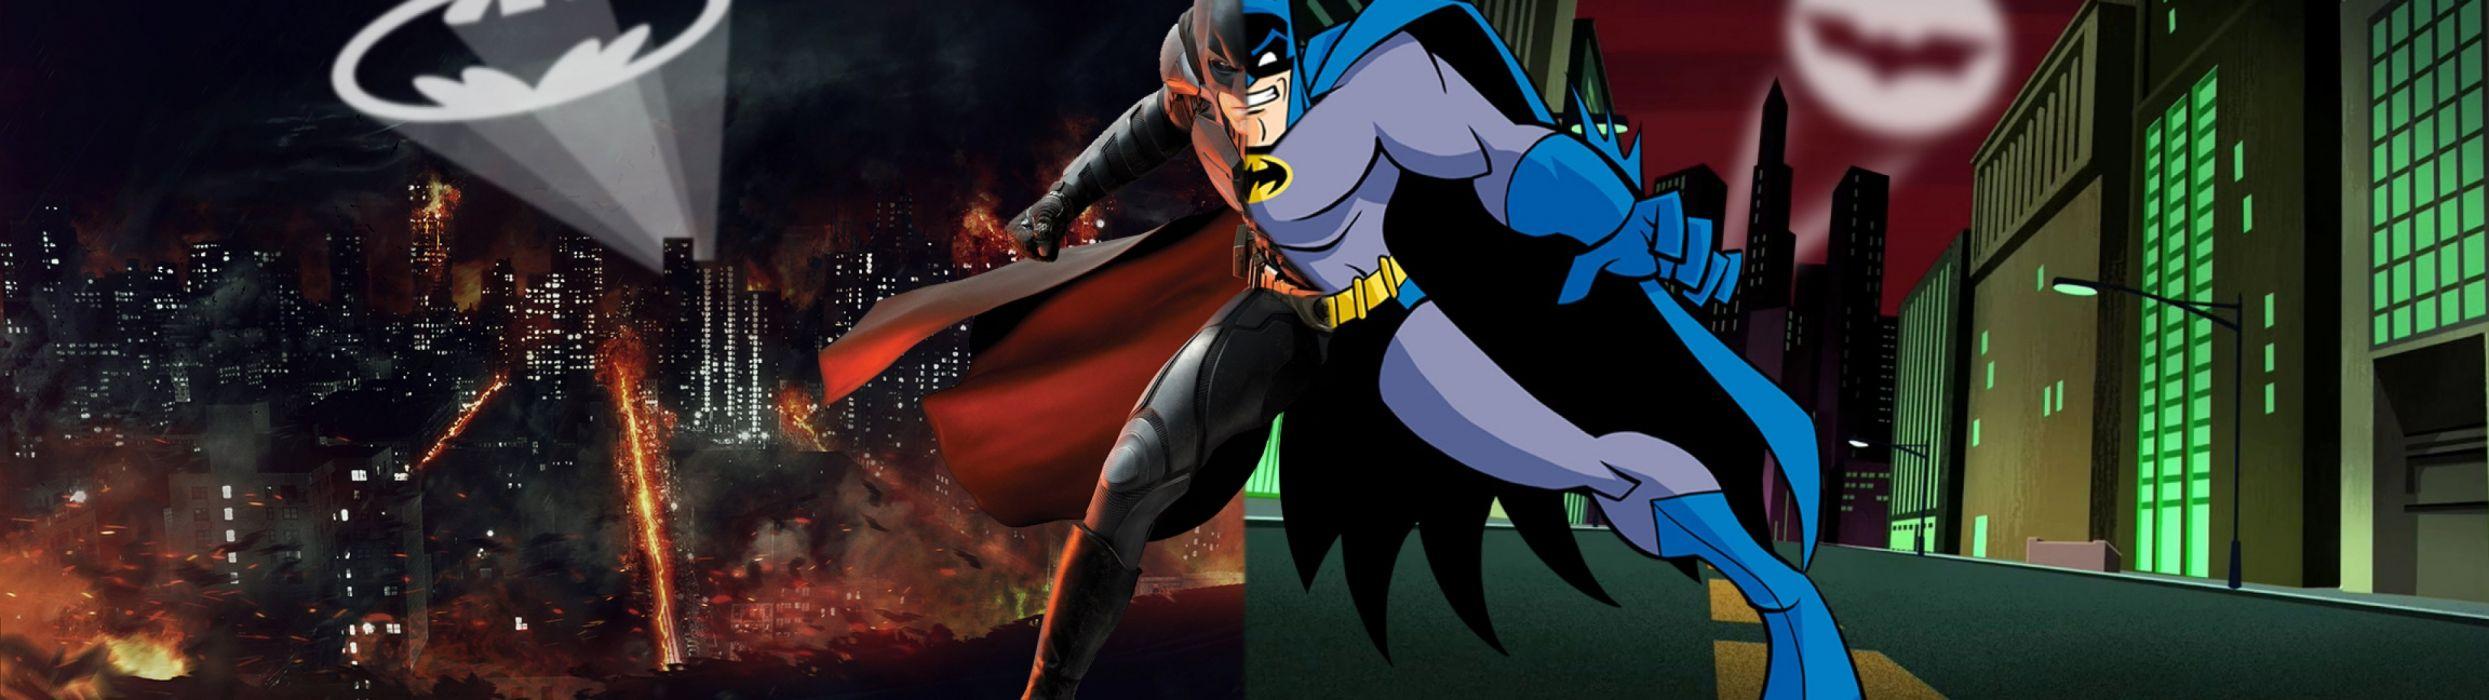 dual monitor screen batman comics hA wallpaper